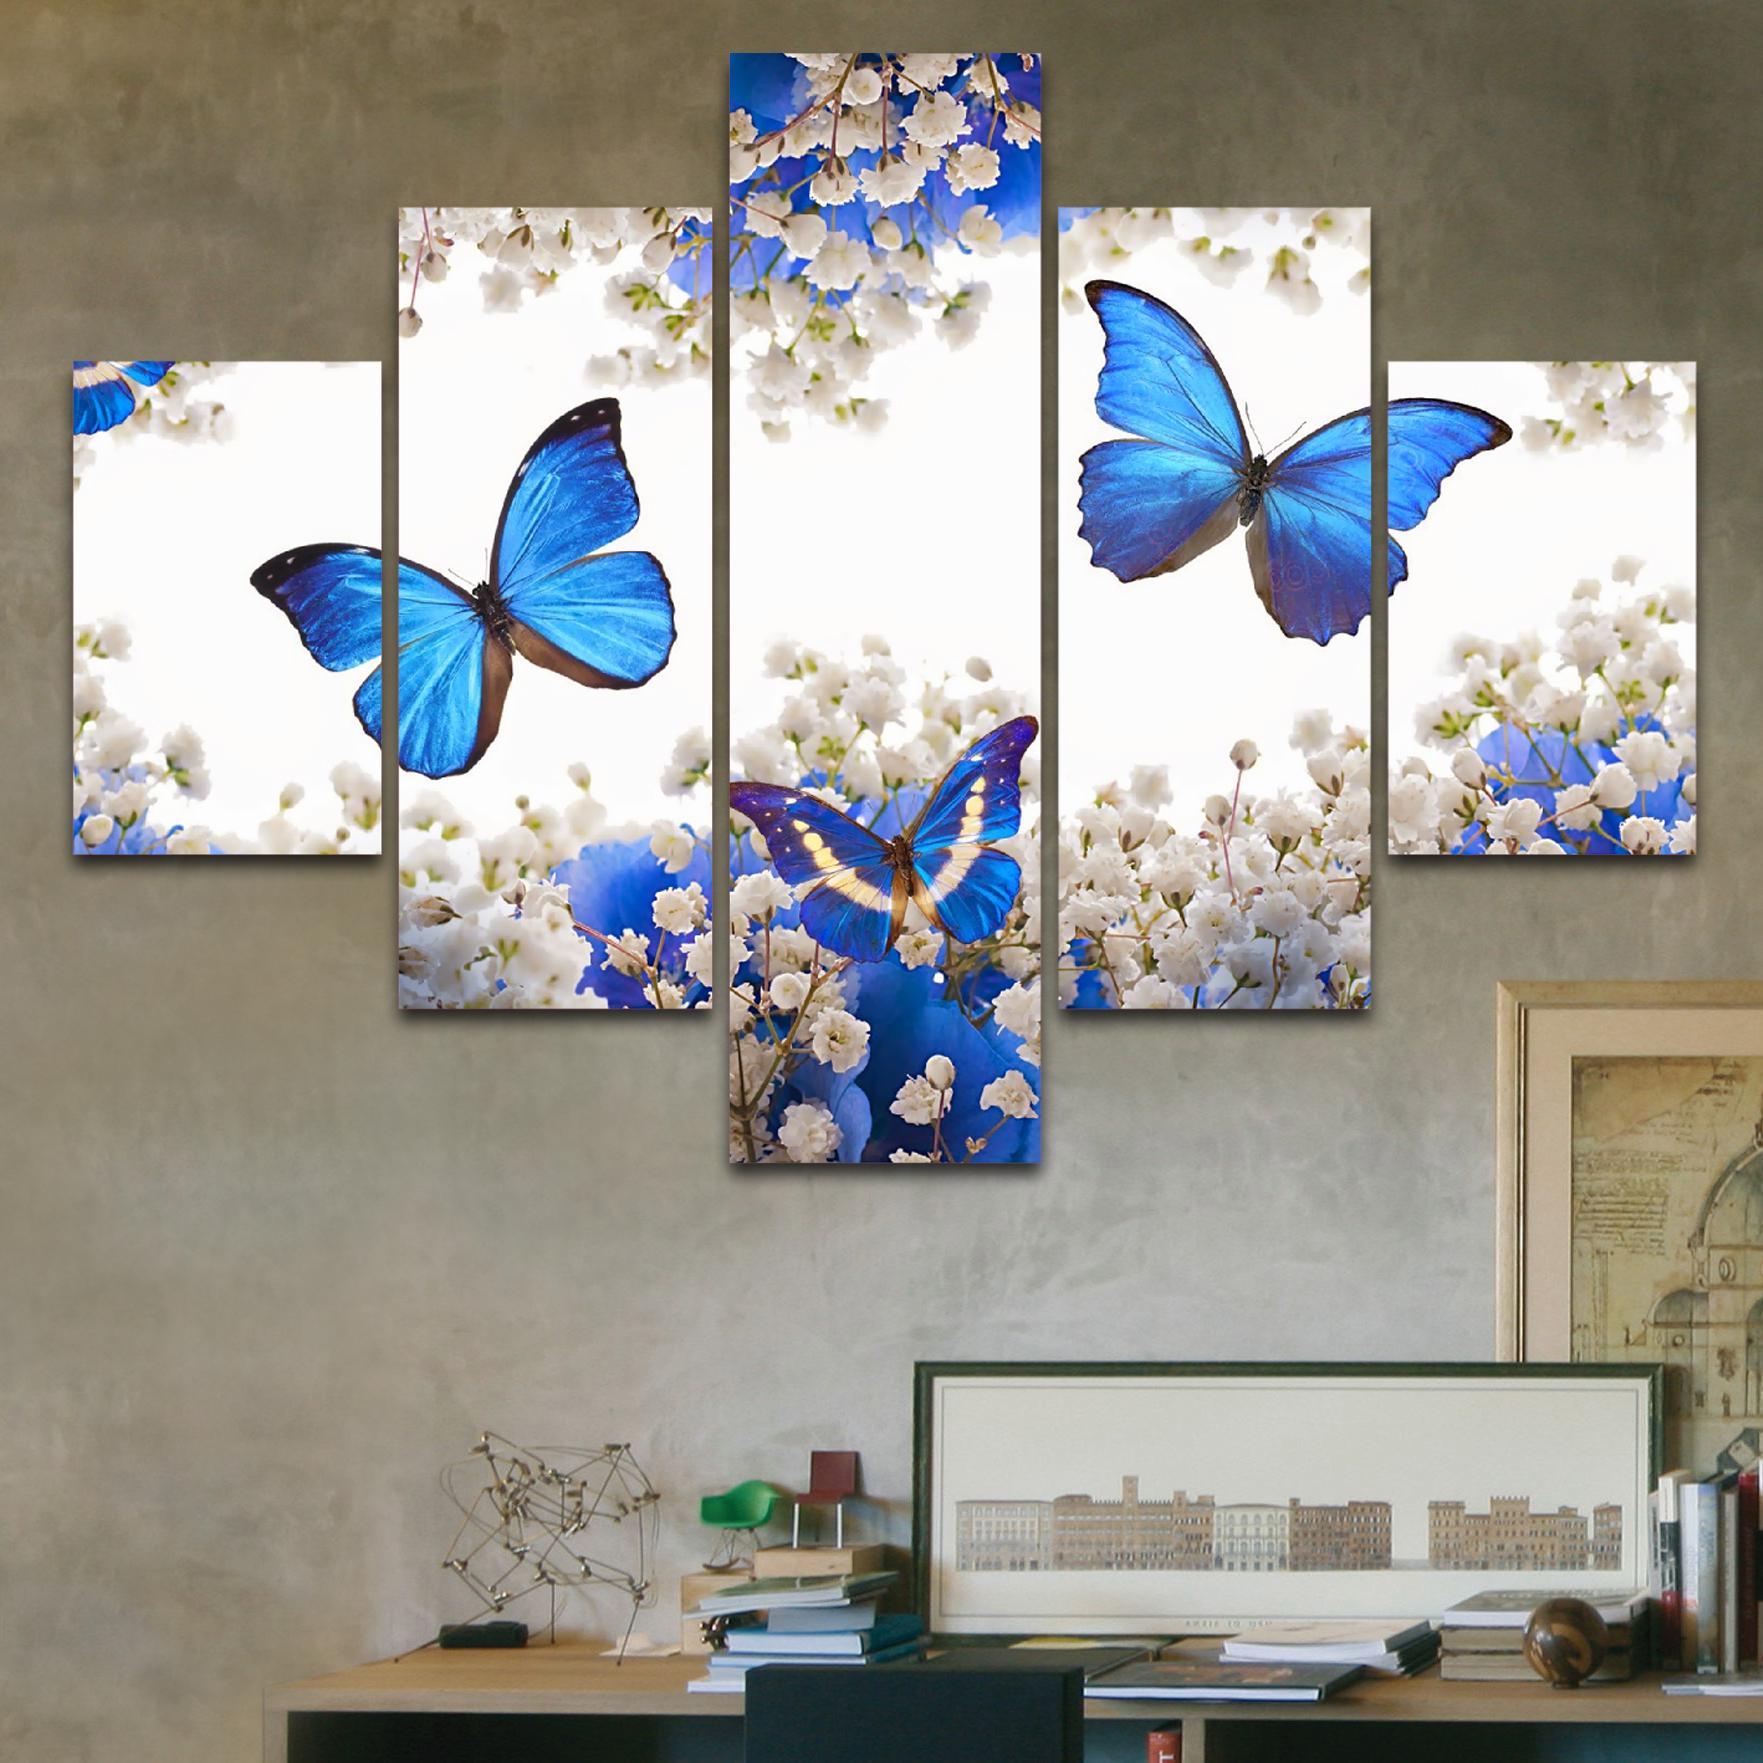 Mariposas azules 110 cm x 70 cm cuadros decorativos for Donde puedo comprar cuadros decorativos